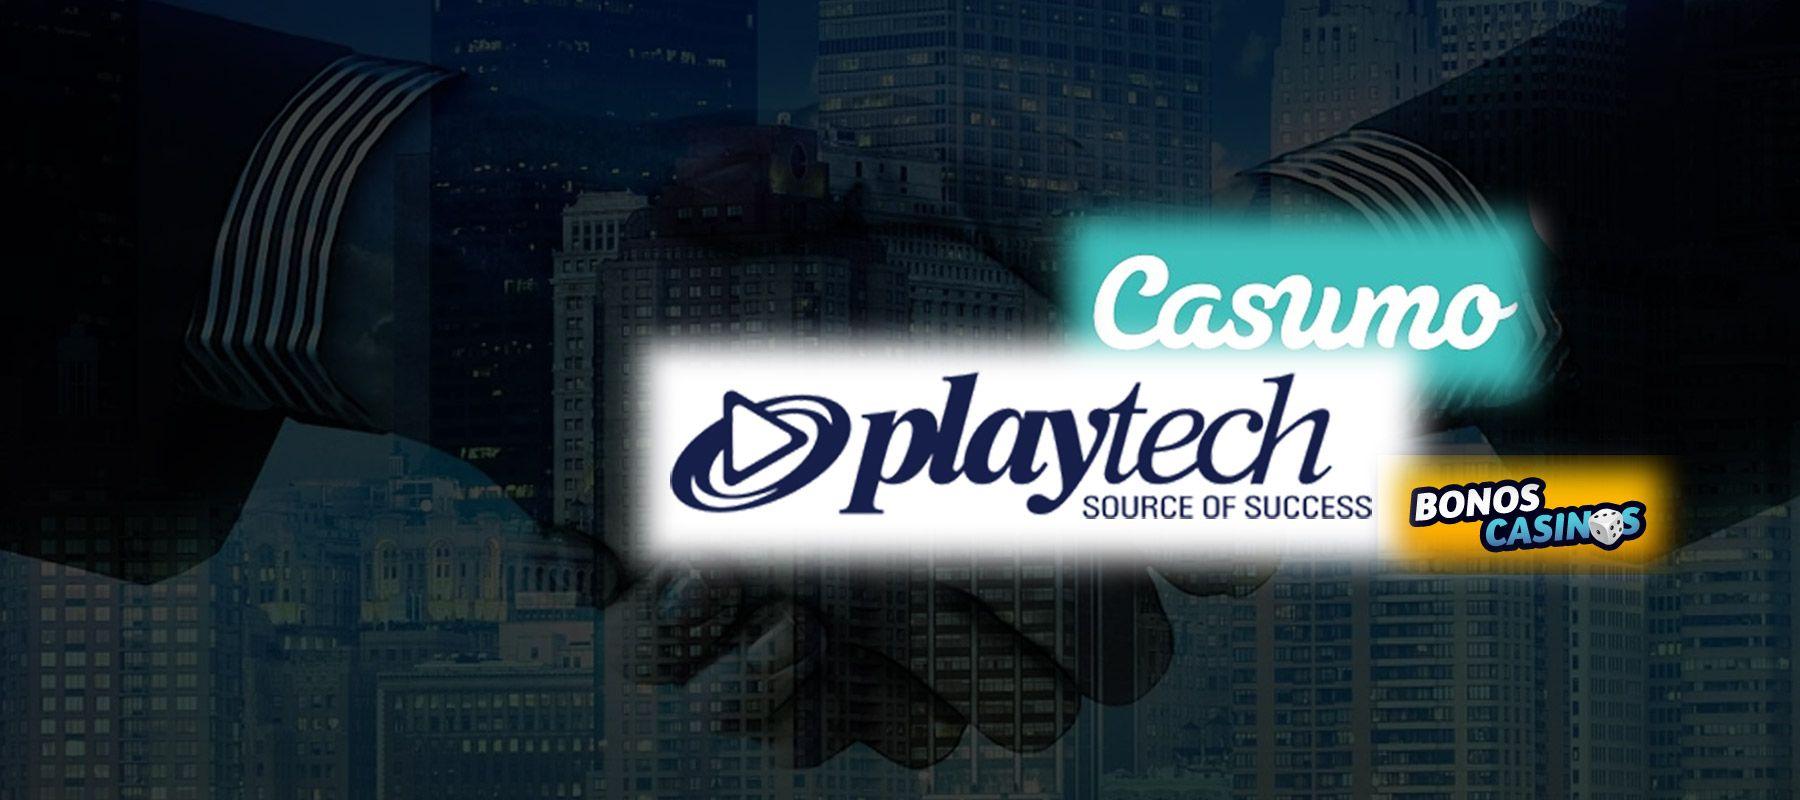 logo de Playtech enriquece la cartera de Casumo